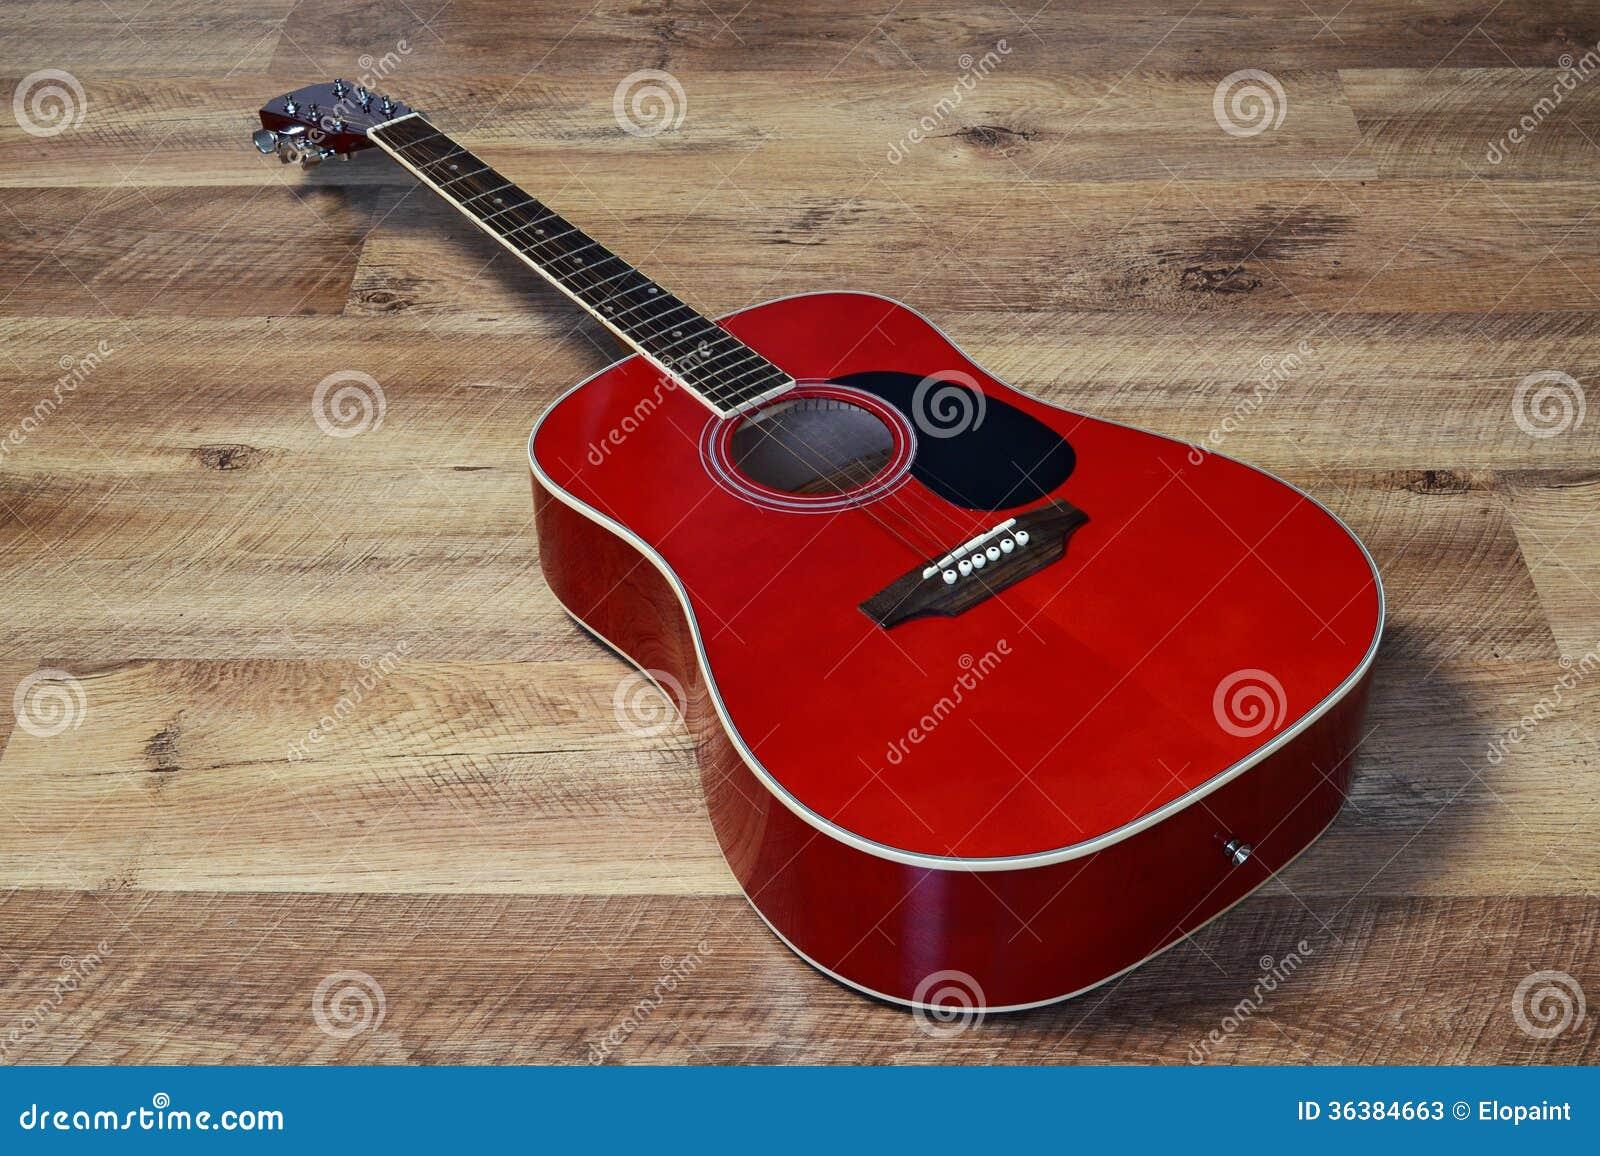 Guitar on a floor